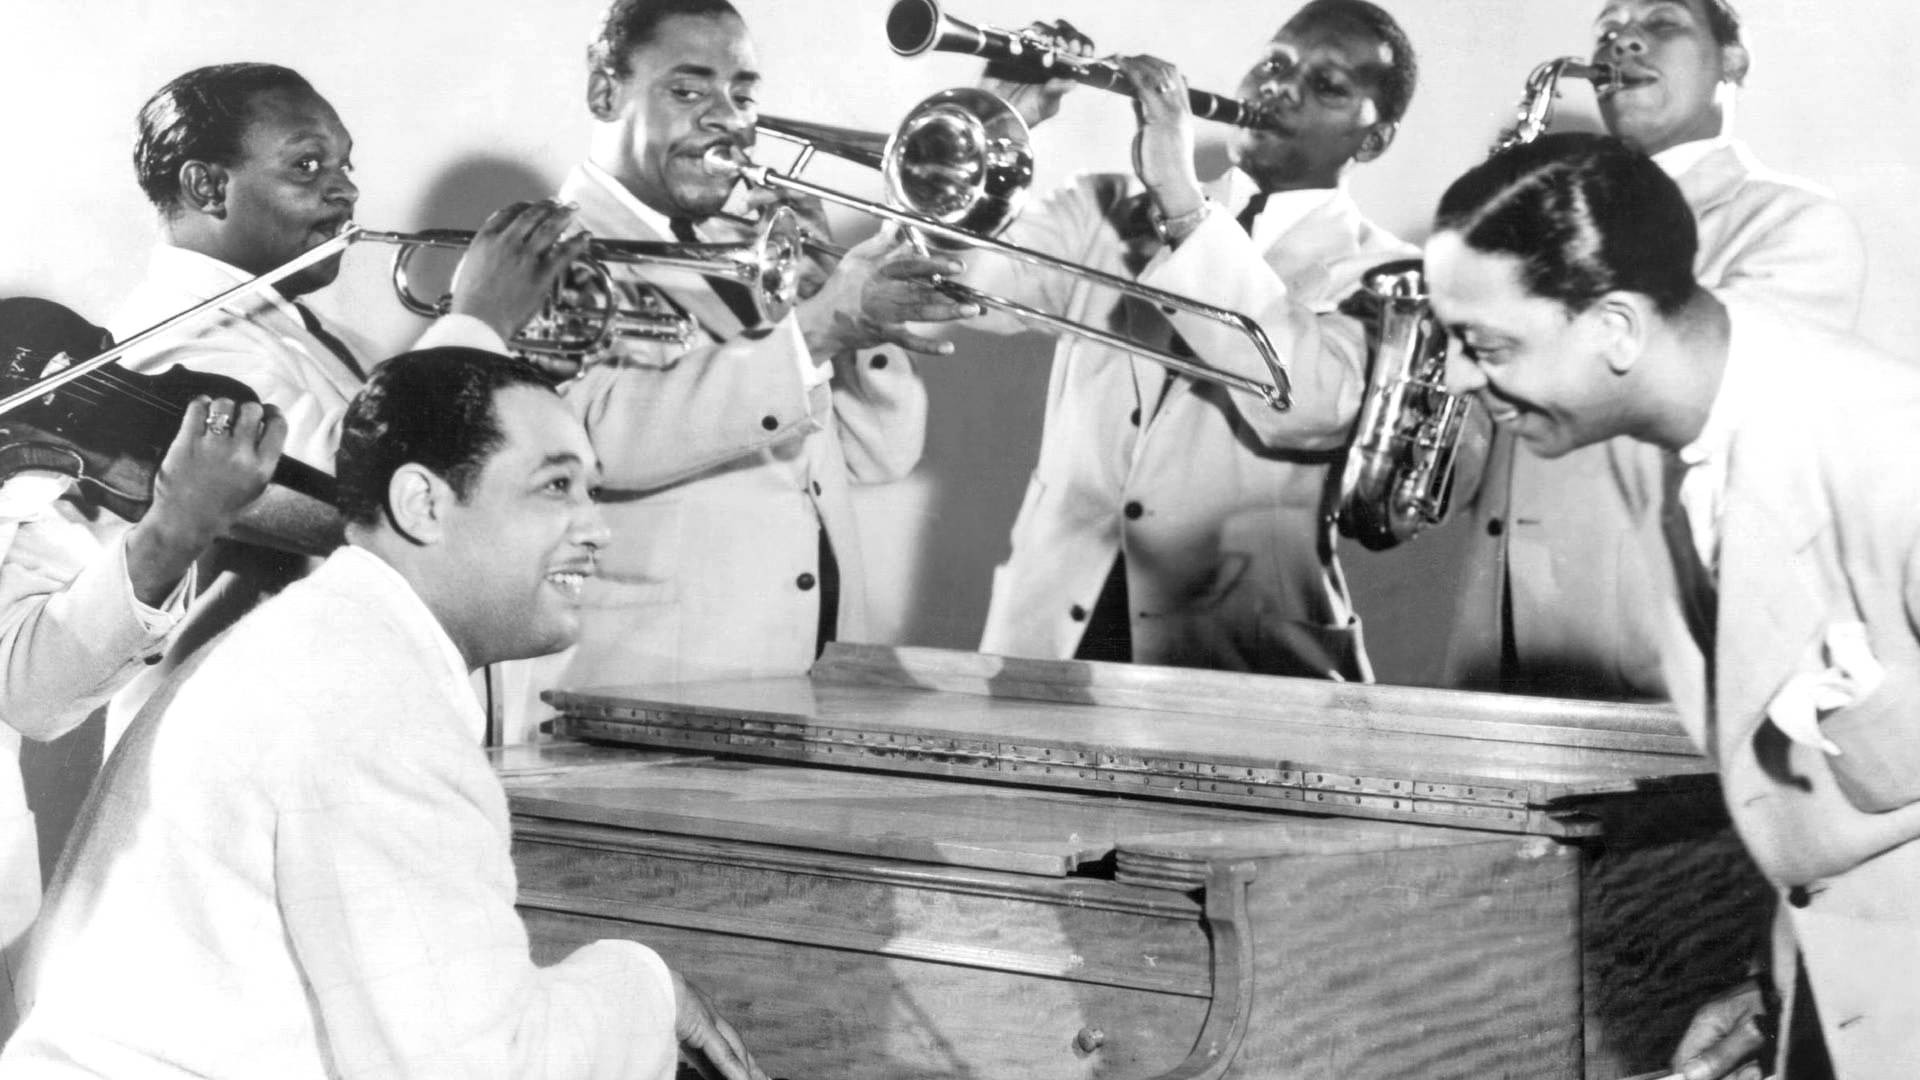 Harlem Renaissance Jazz Age